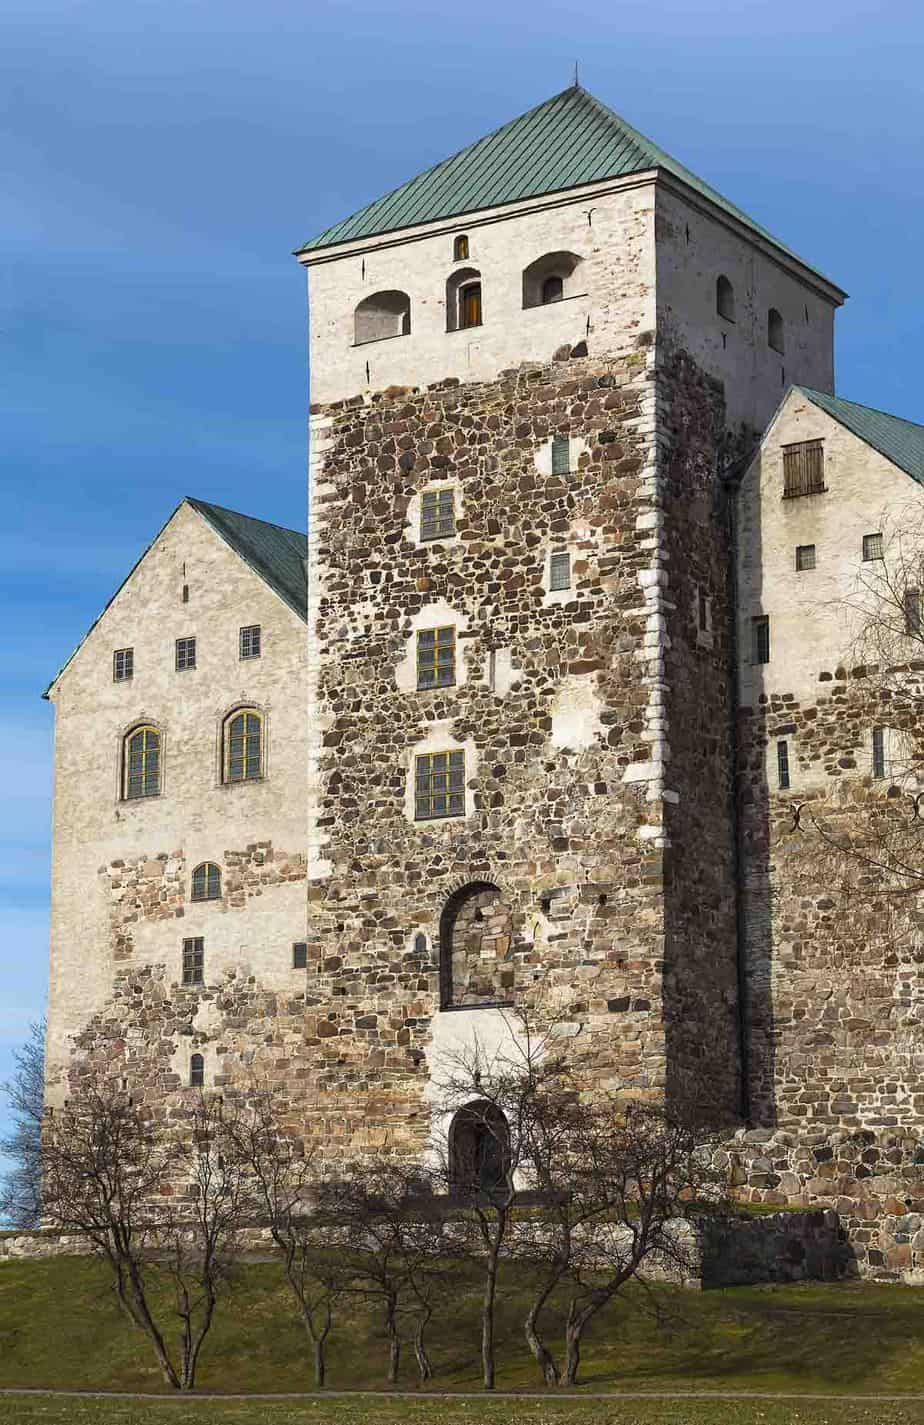 castles in finland turku castle